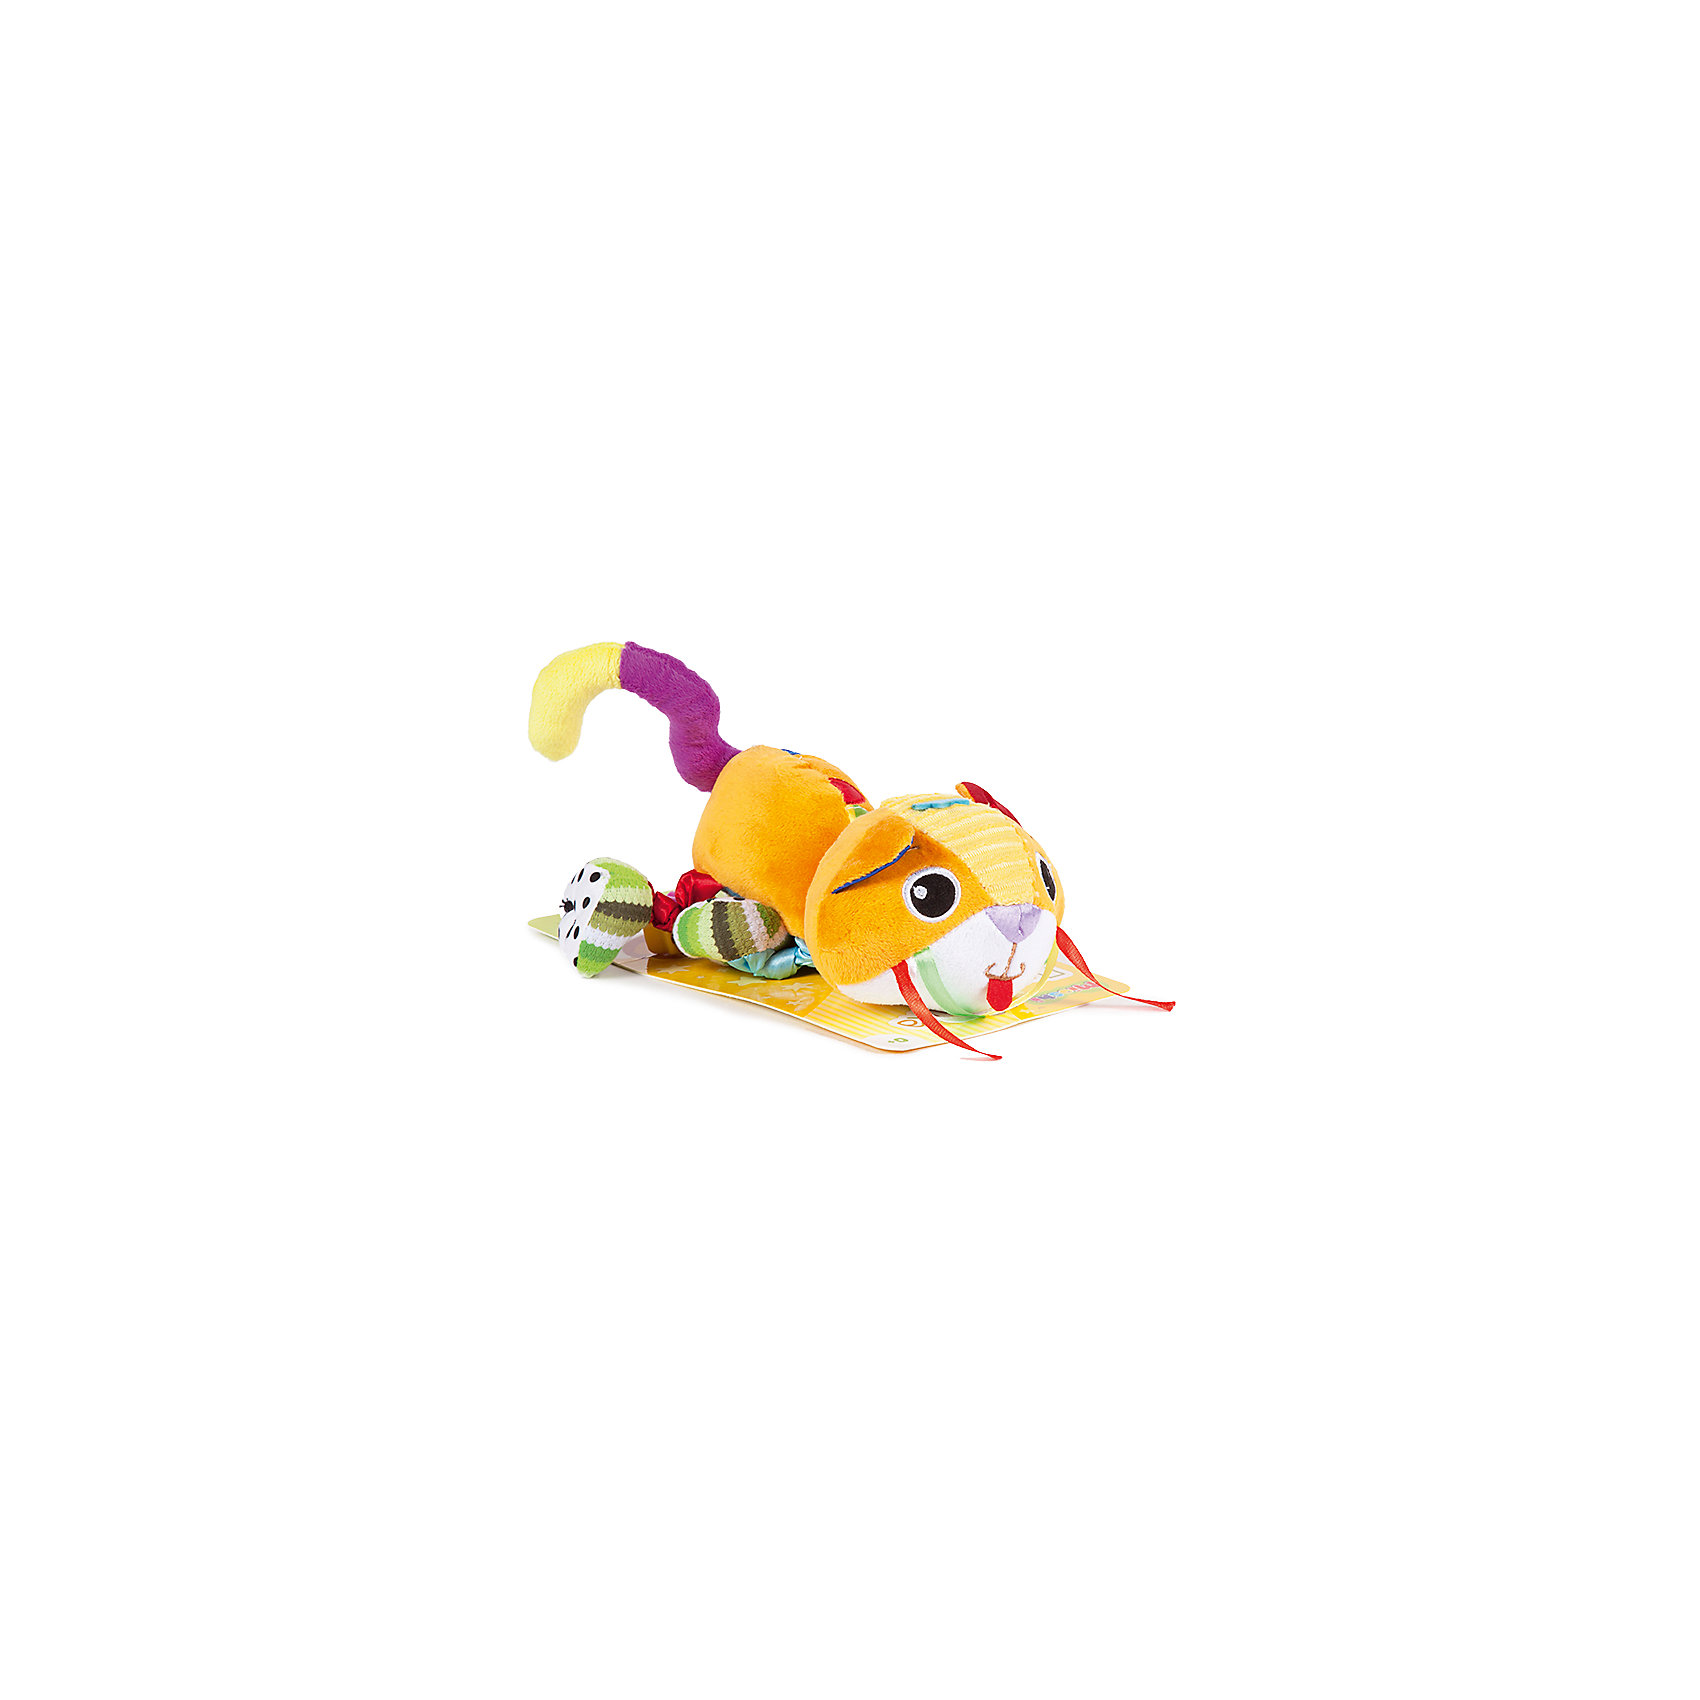 Mioshi Погремушка Забавный мурзик, 20 см,  Mioshi погремушка mioshi гибкий шар цвет желтый голубой